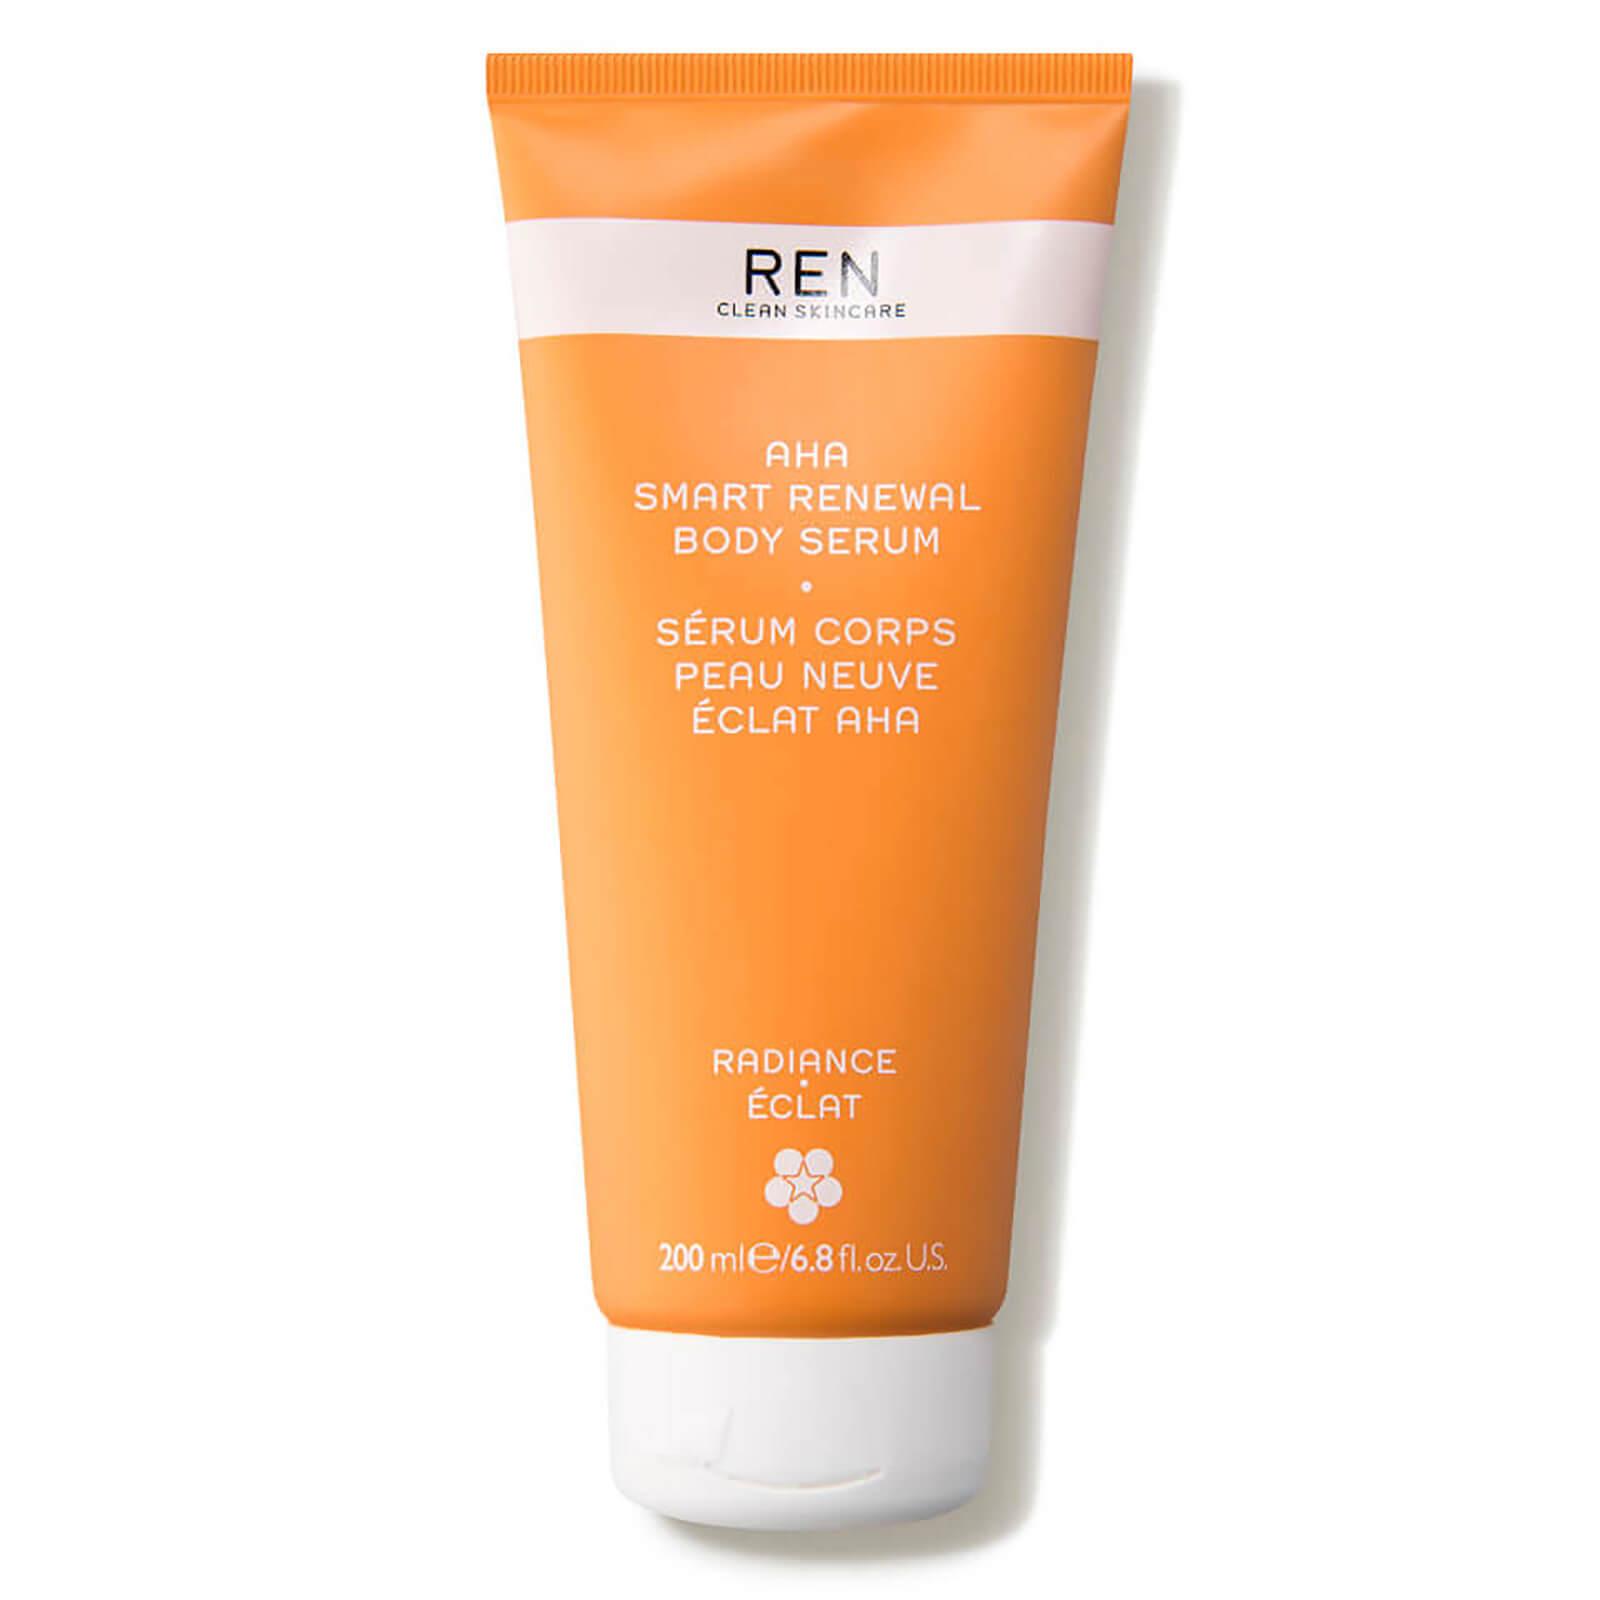 Купить Обновляющая сыворотка для тела REN Skincare AHA Smart Renewal Body Serum 200 мл